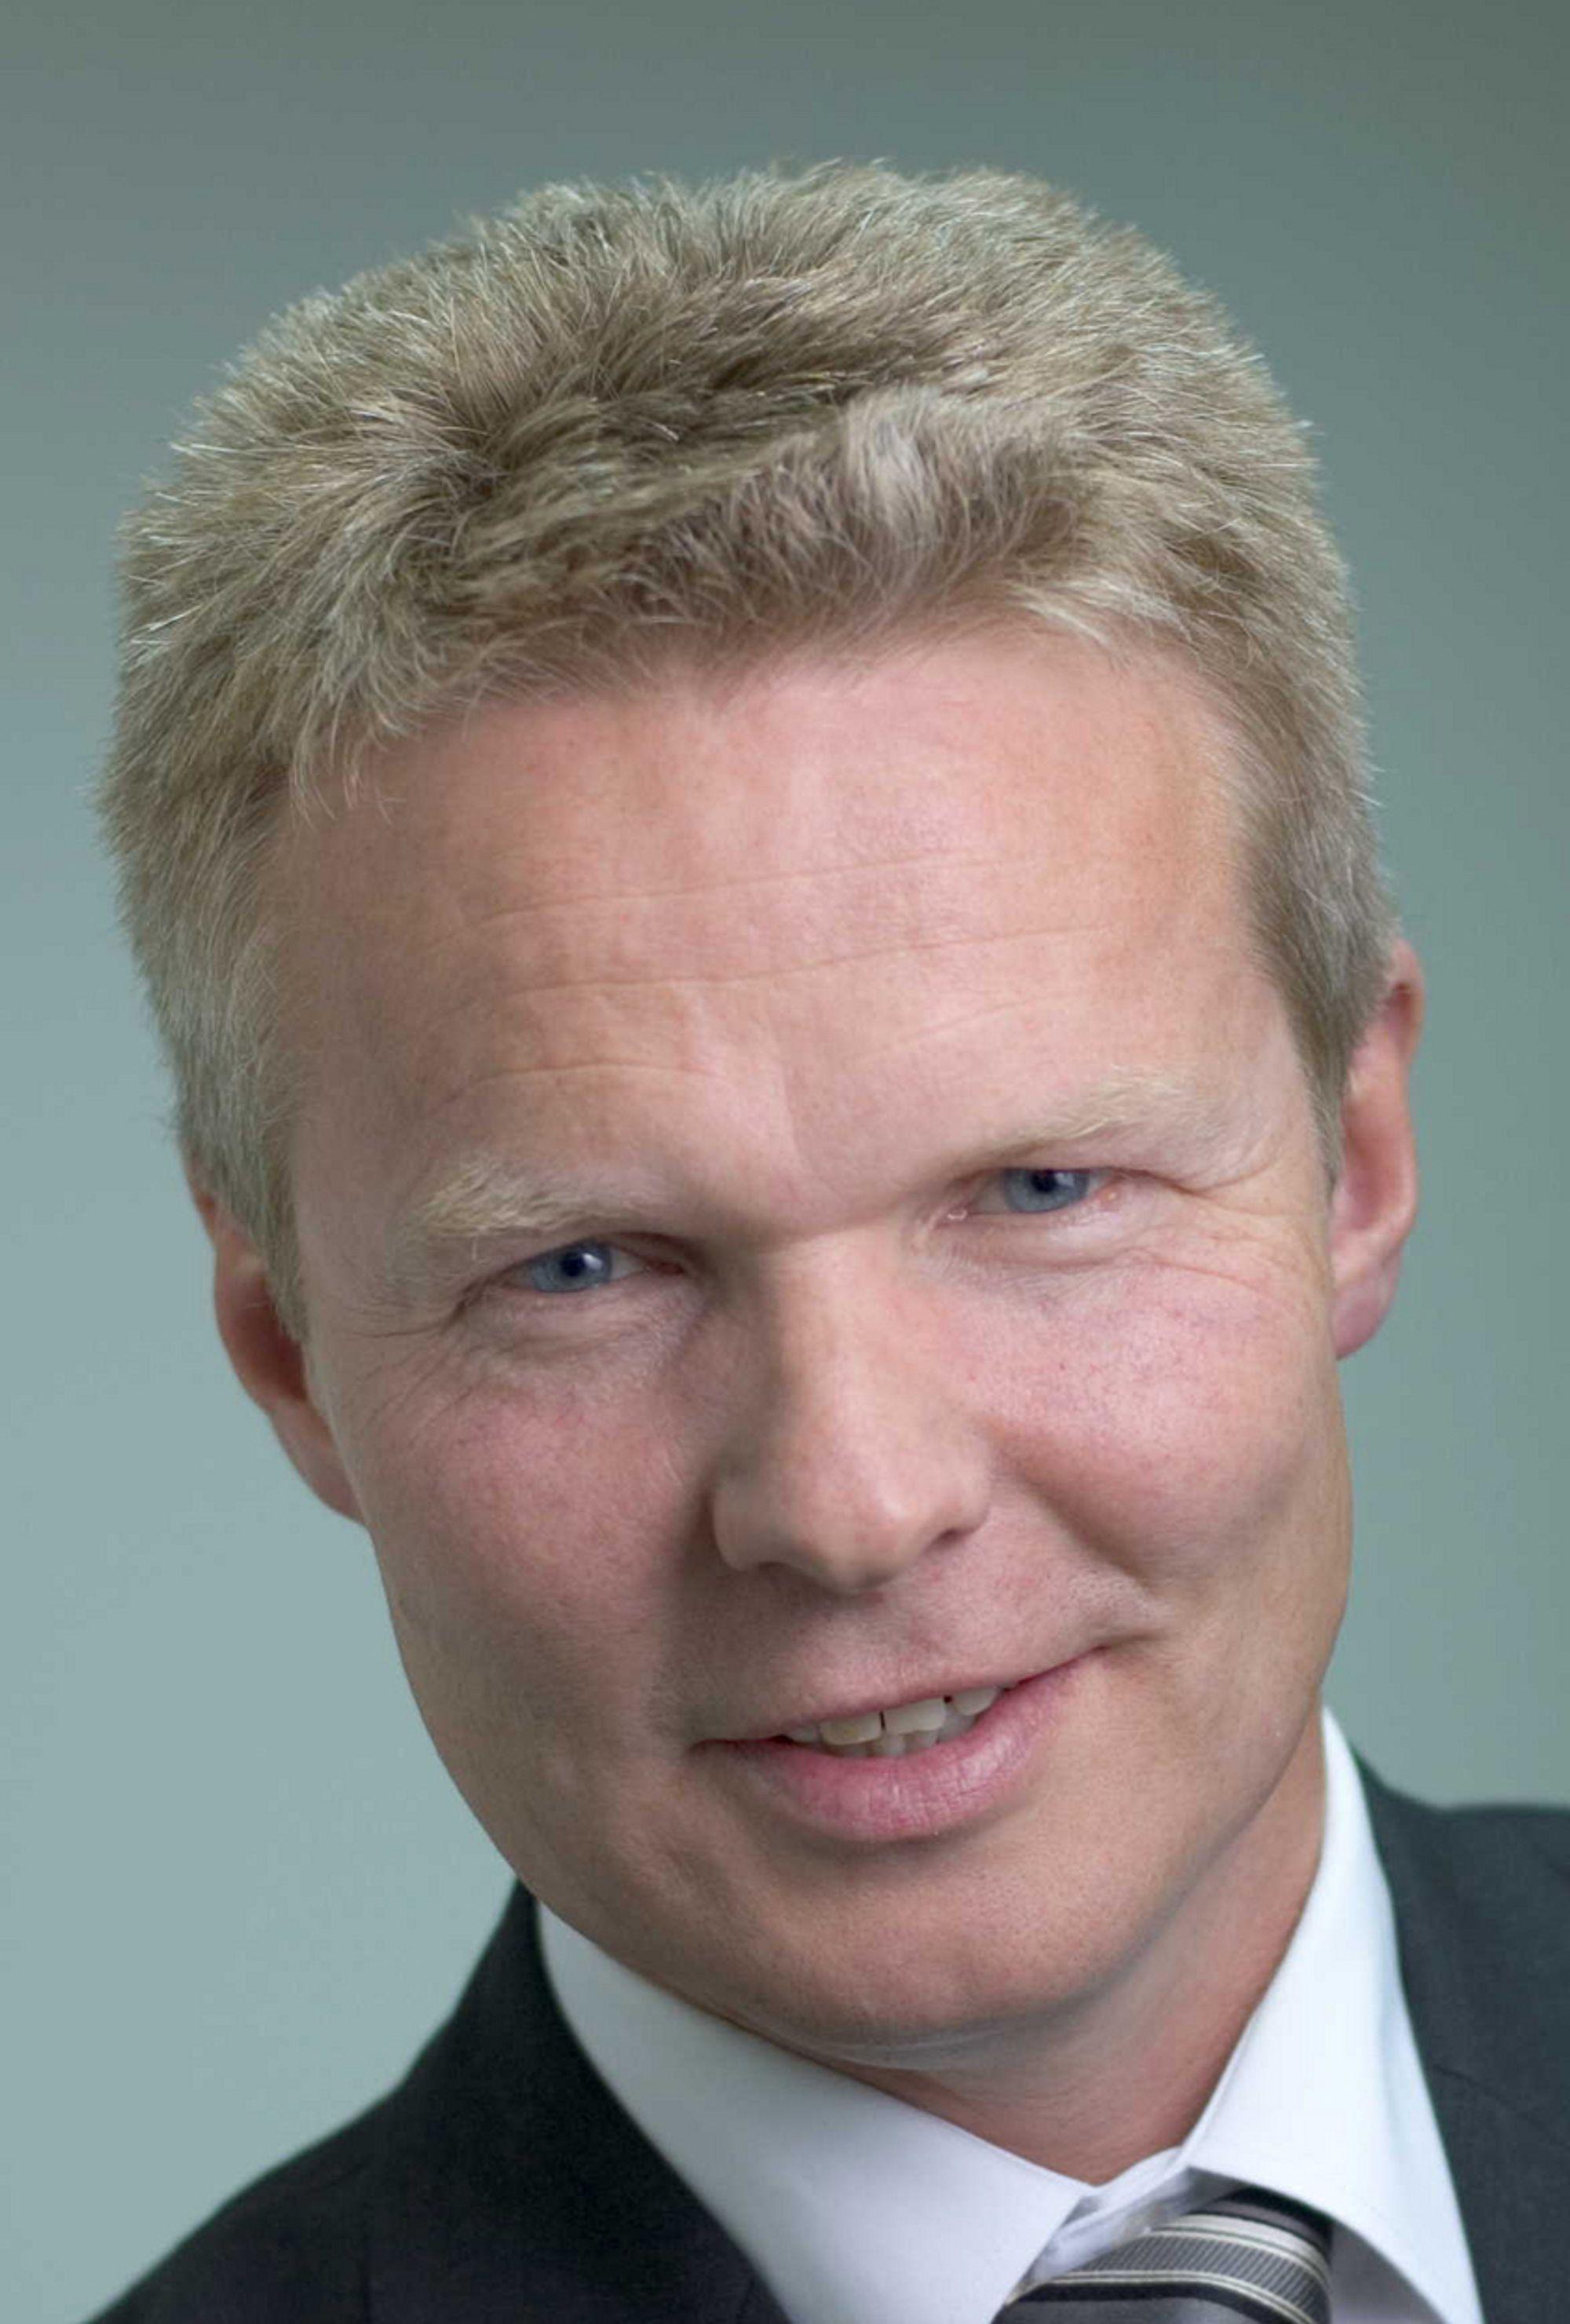 INGEN POLITIKER: ErgoGroup-sjef Terje Mjøs (46) ser ikke for seg en karriere i stortingskorridorene.